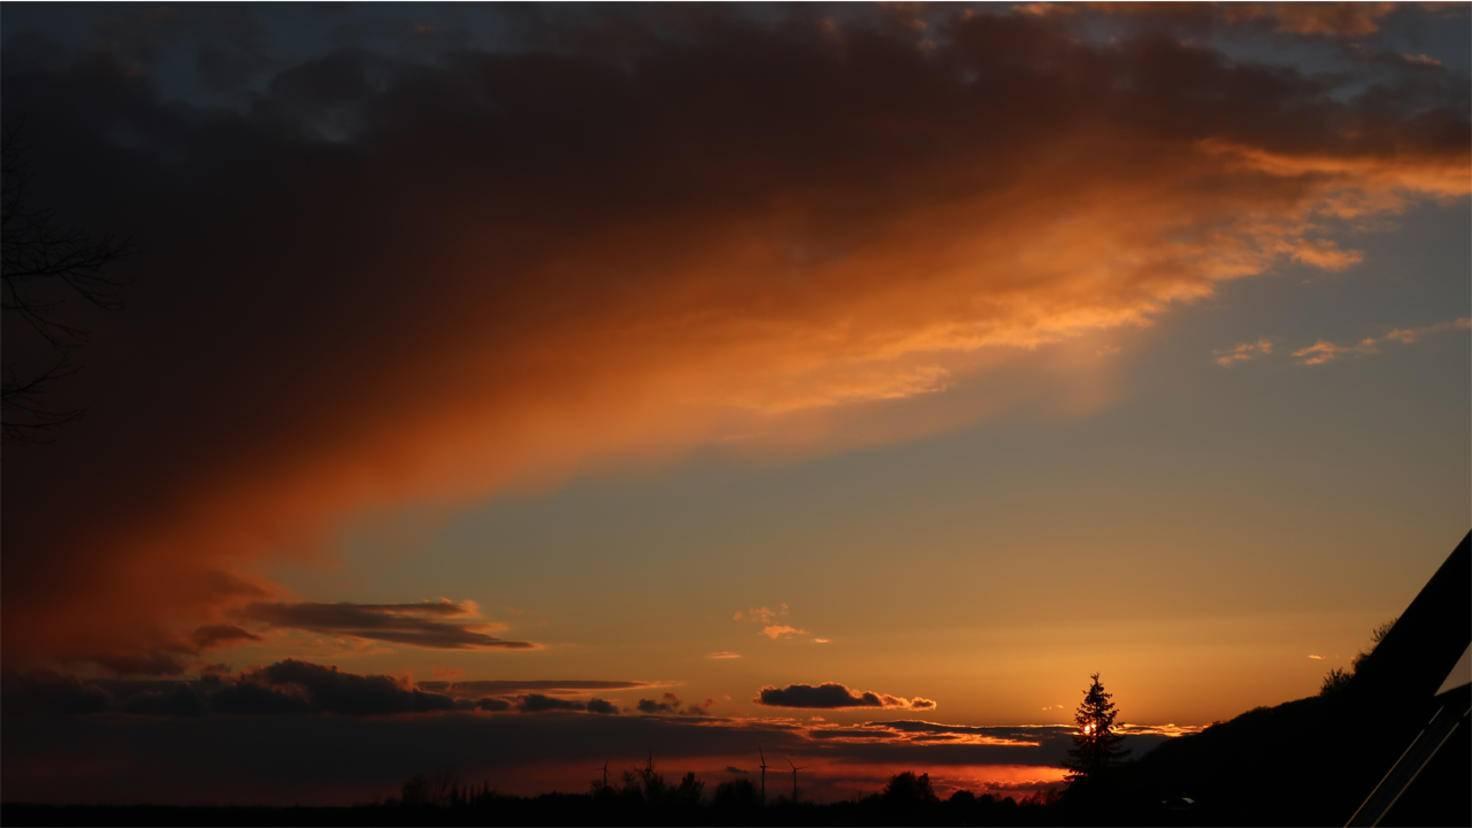 Eindrucksvolle Aufnahmen vom Sonnenuntergang sind kein Problem.